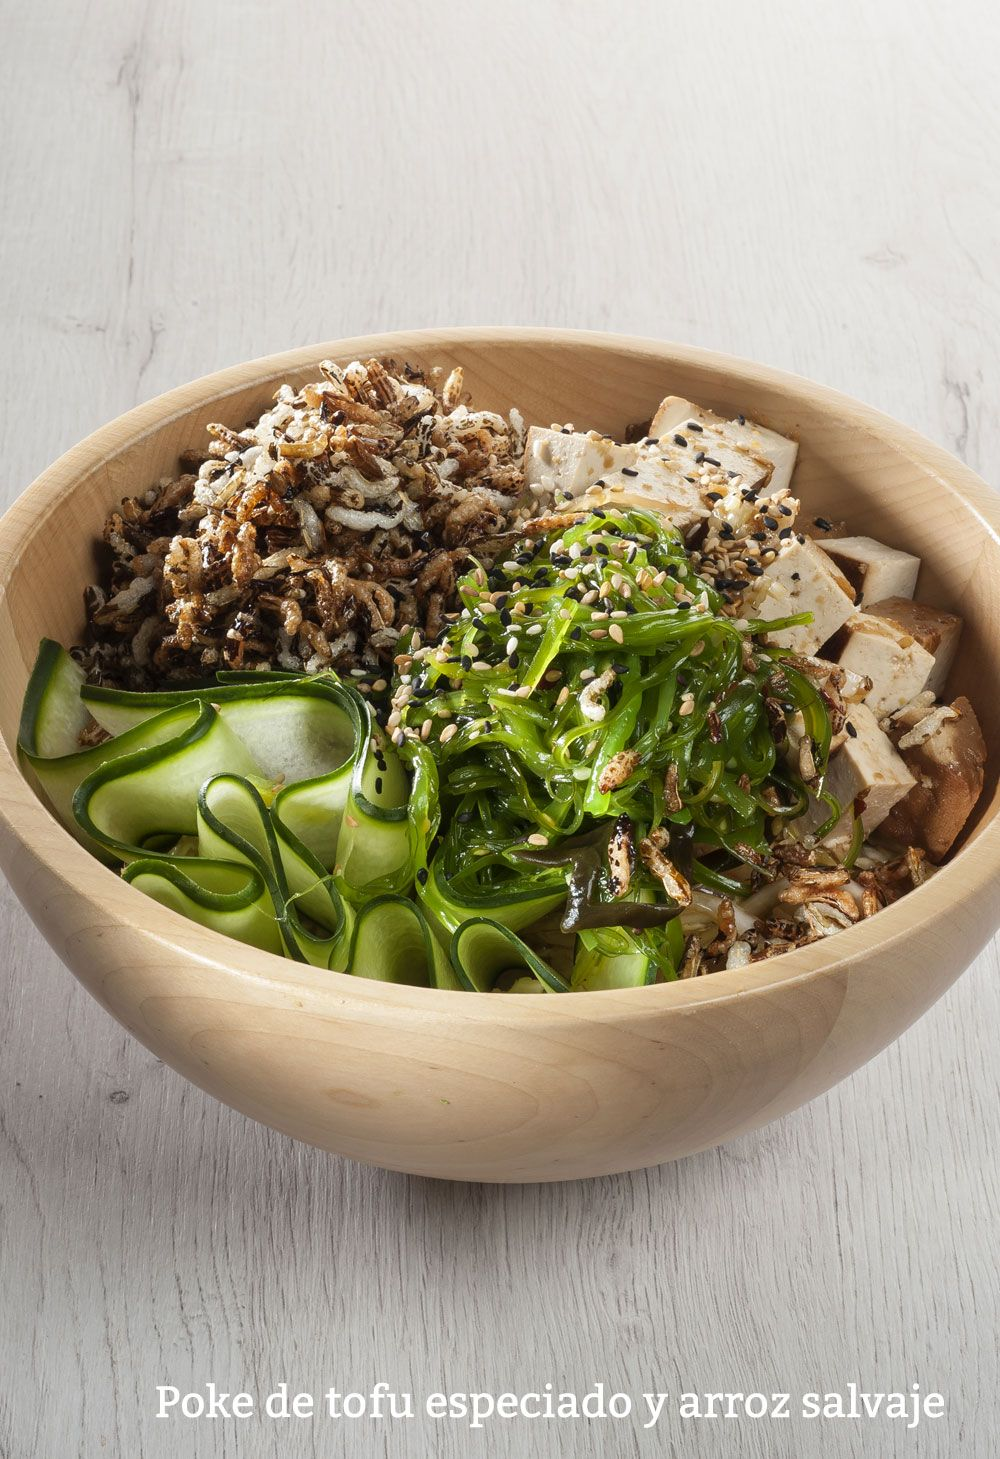 Poke de tofu especiado y arroz salvaje